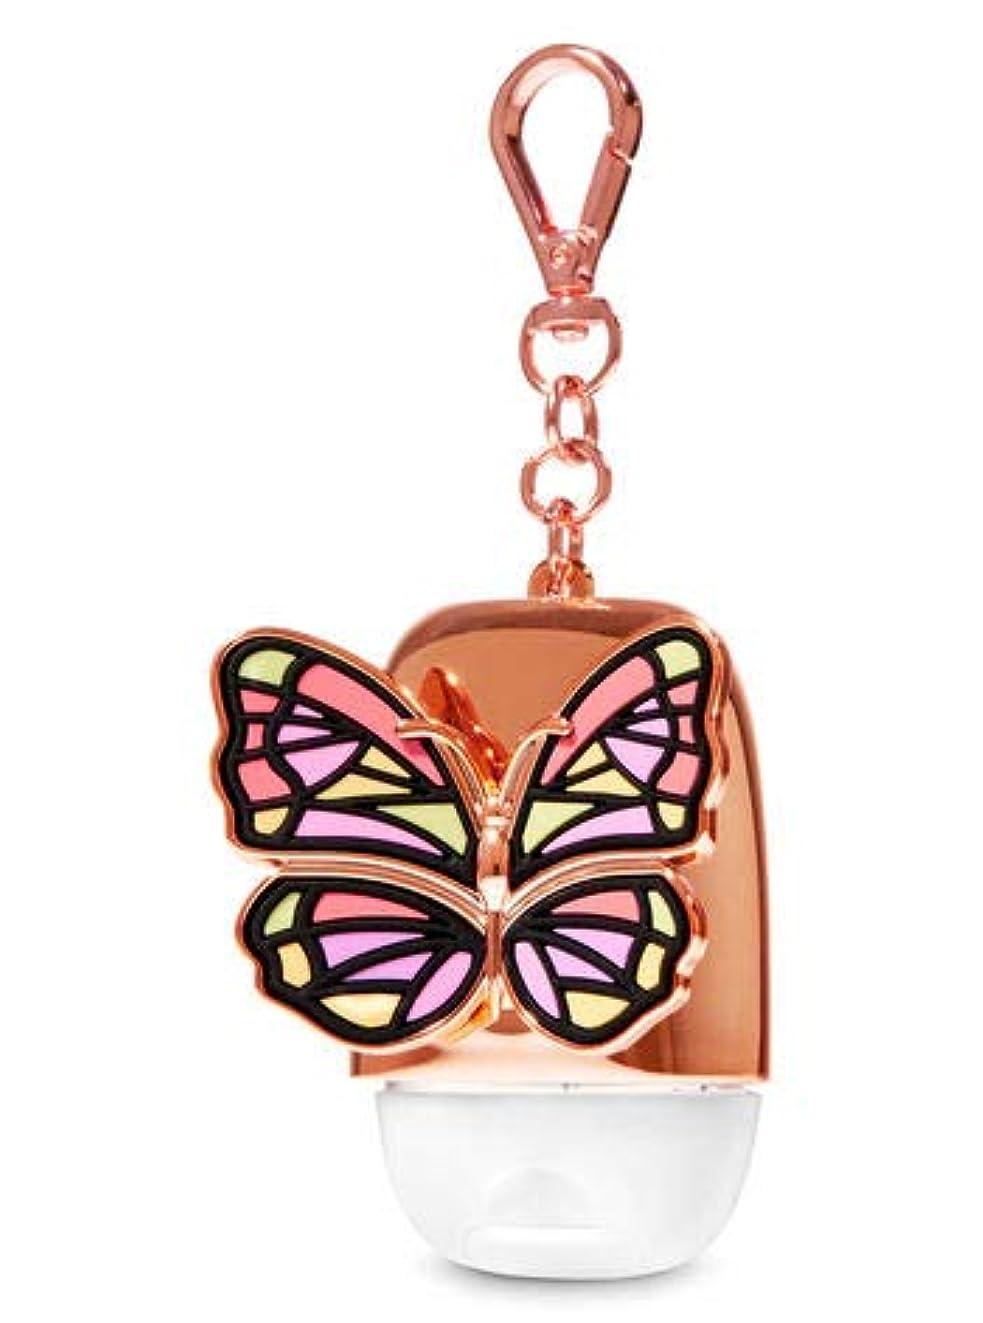 十年ラッチ礼拝【Bath&Body Works/バス&ボディワークス】 抗菌ハンドジェルホルダー ローズゴールドバタフライ Pocketbac Holder Rose Gold Butterfly [並行輸入品]